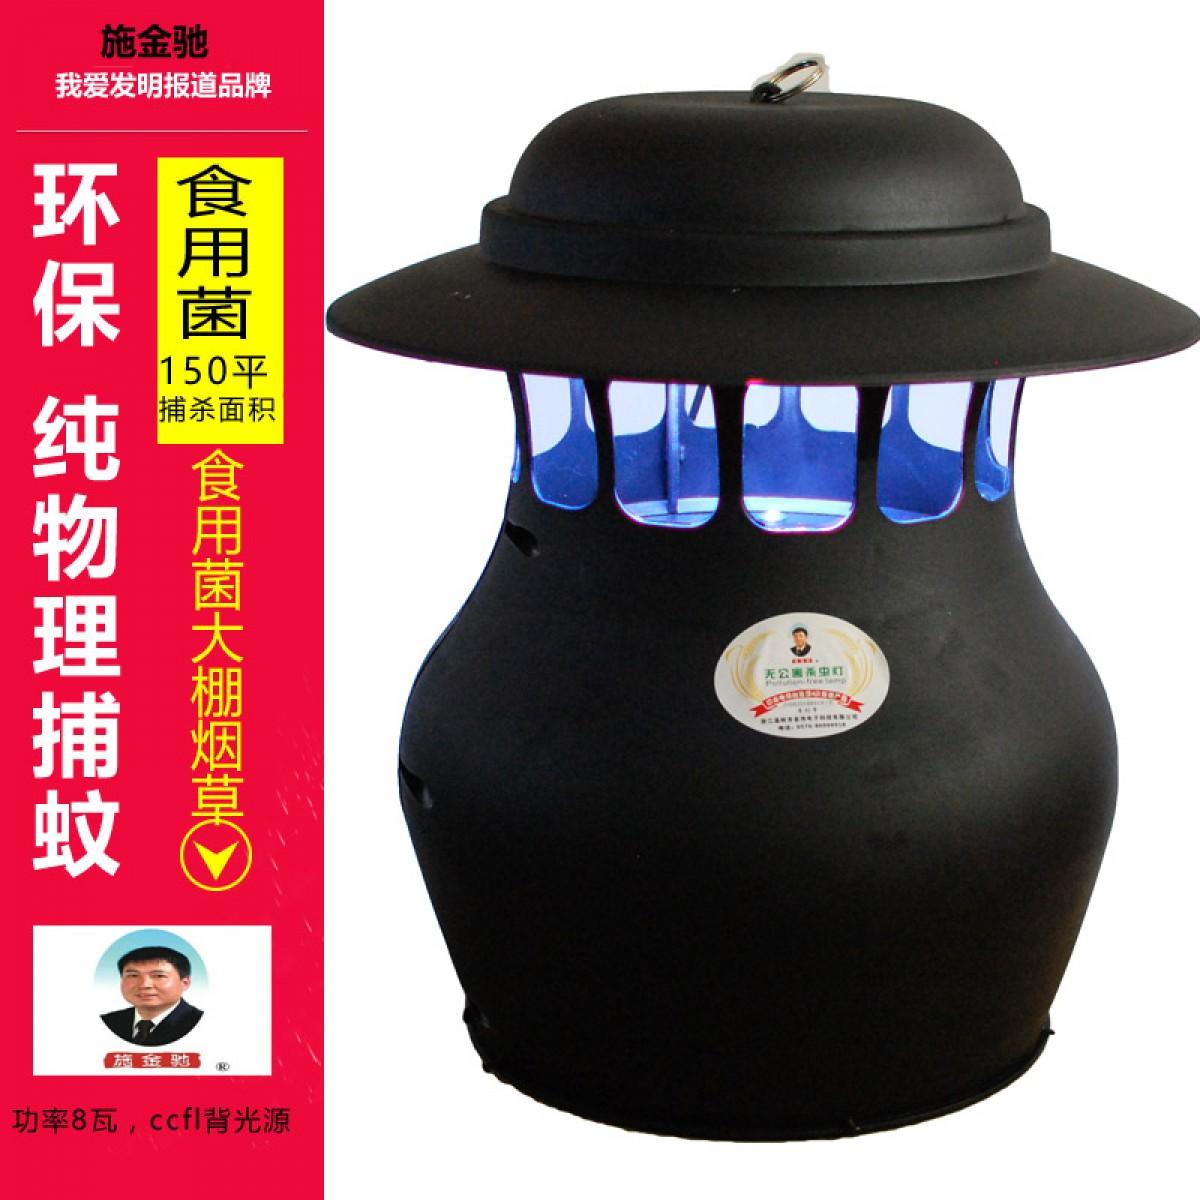 金池第五代无公害食用菌专用杀虫灯 原价250元 团购价220元(2个起团)